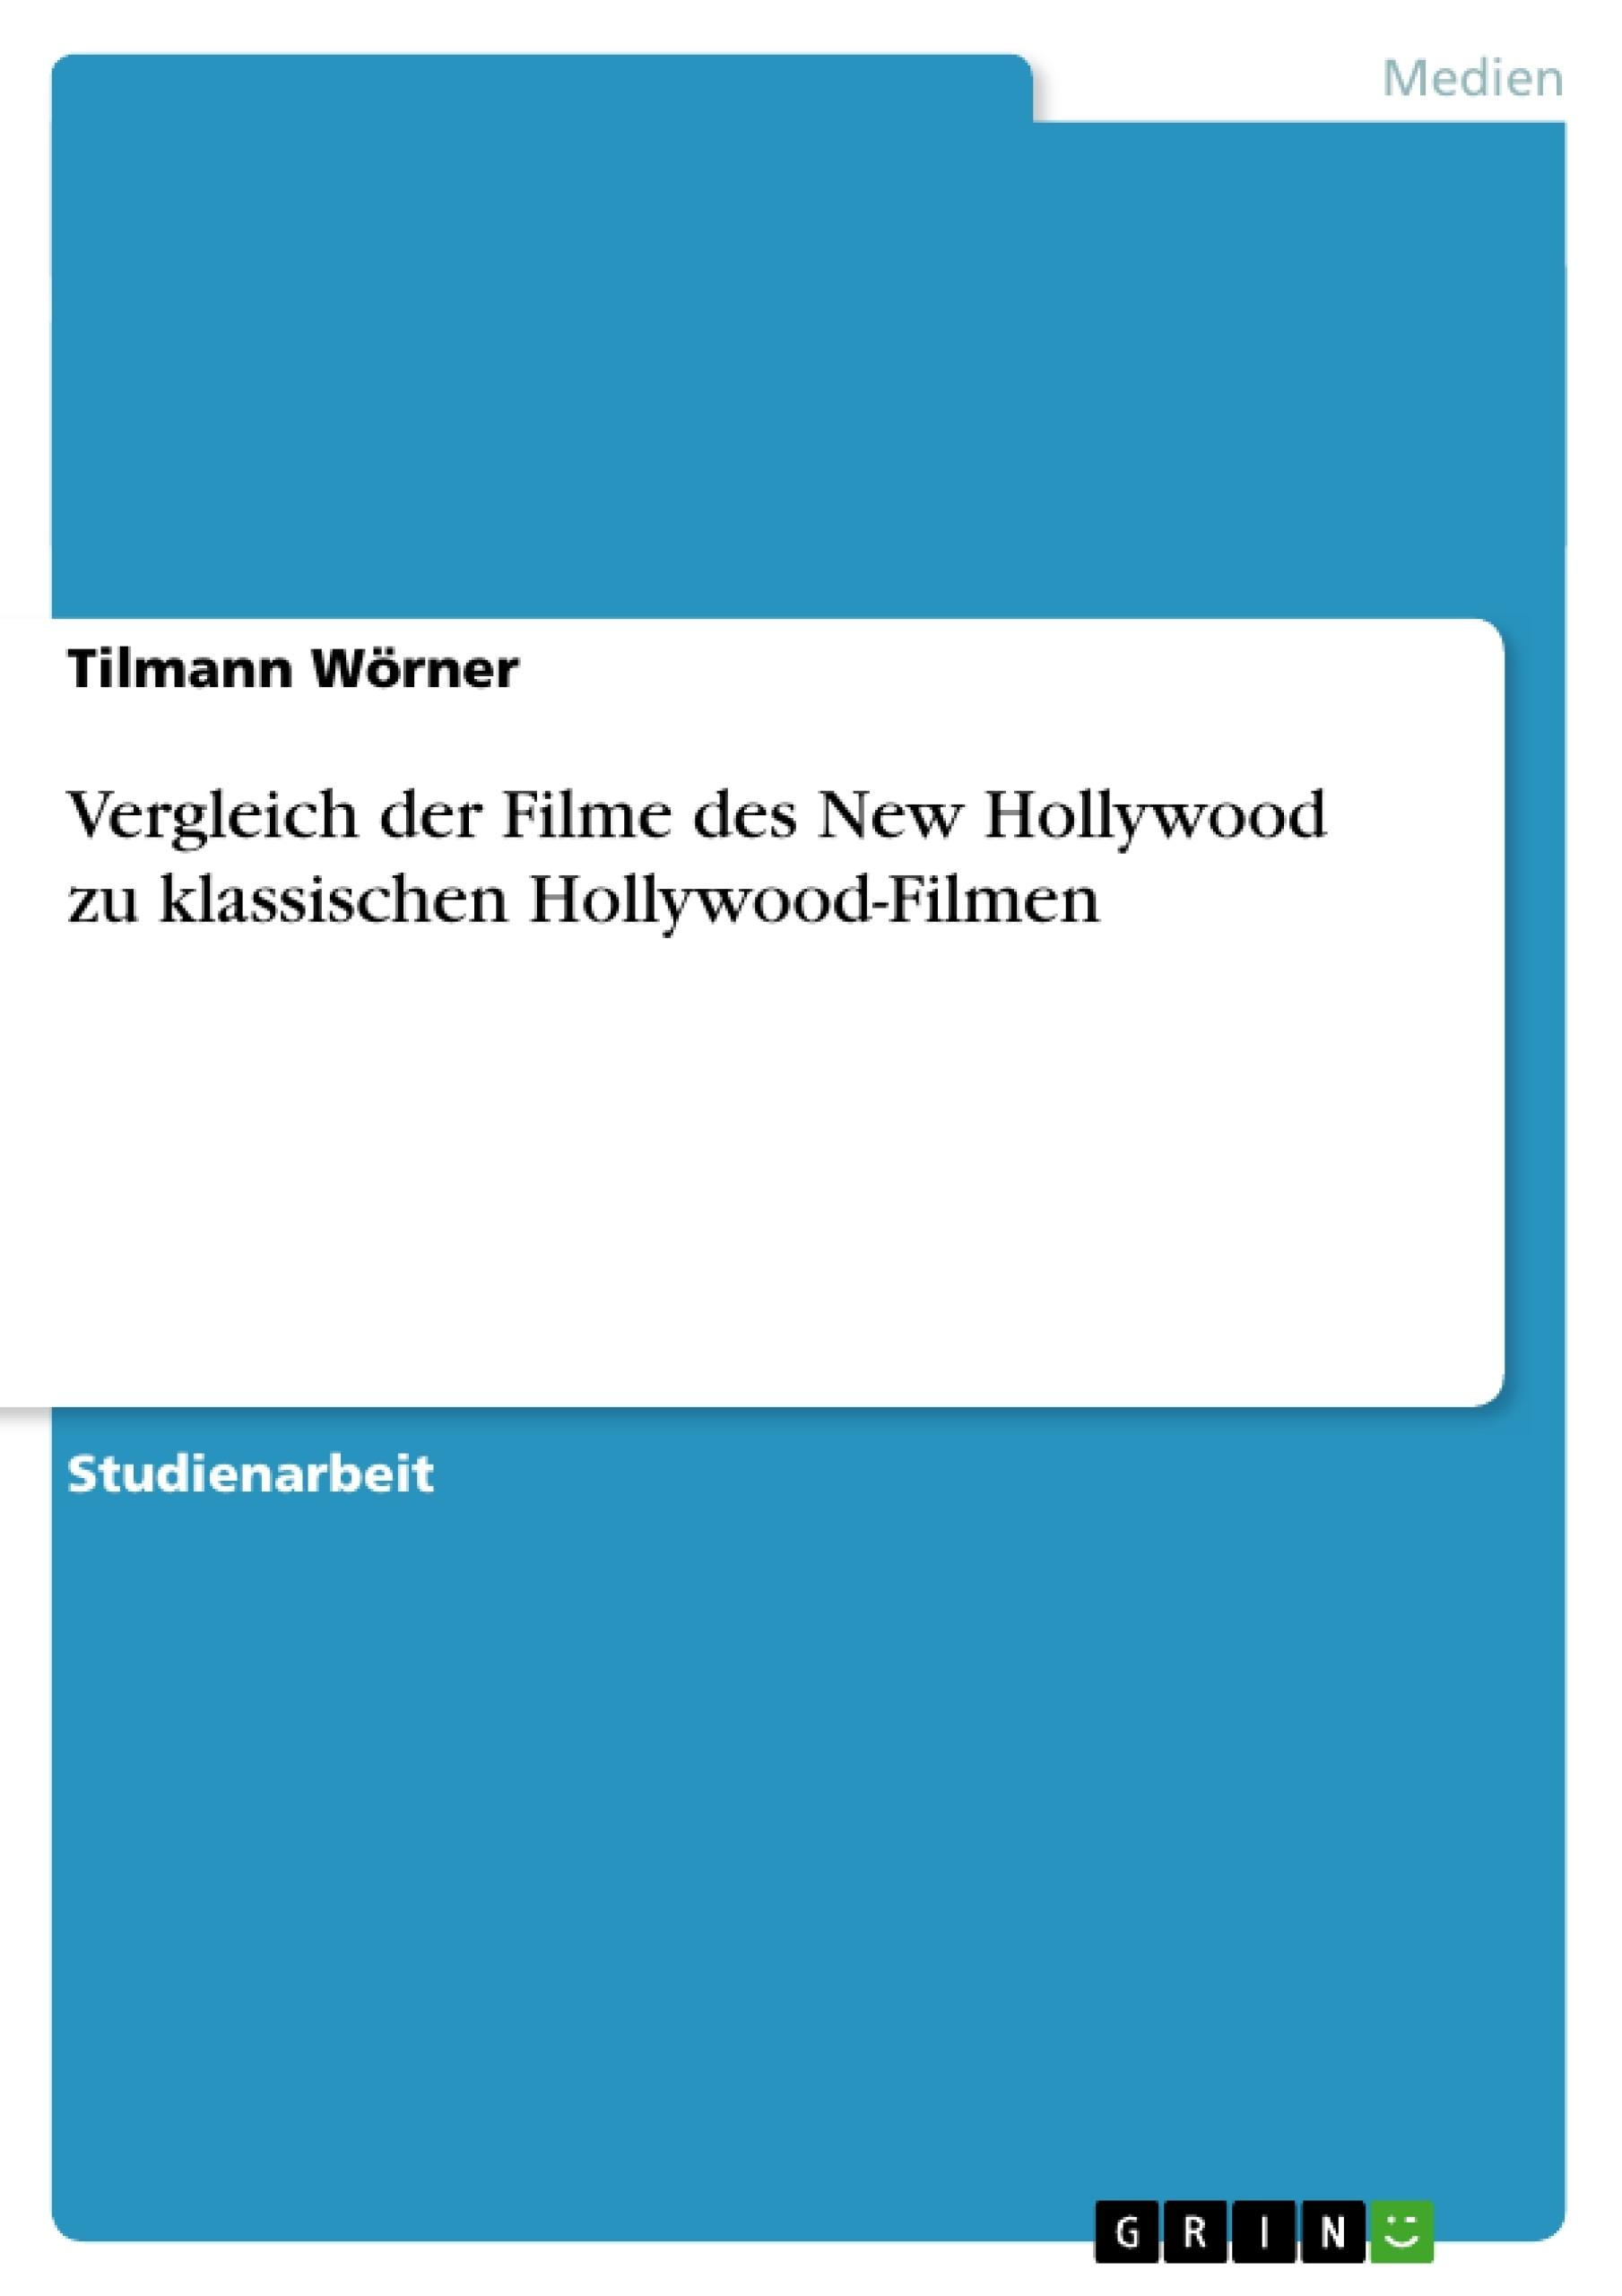 Titel: Vergleich der Filme des New Hollywood zu klassischen Hollywood-Filmen